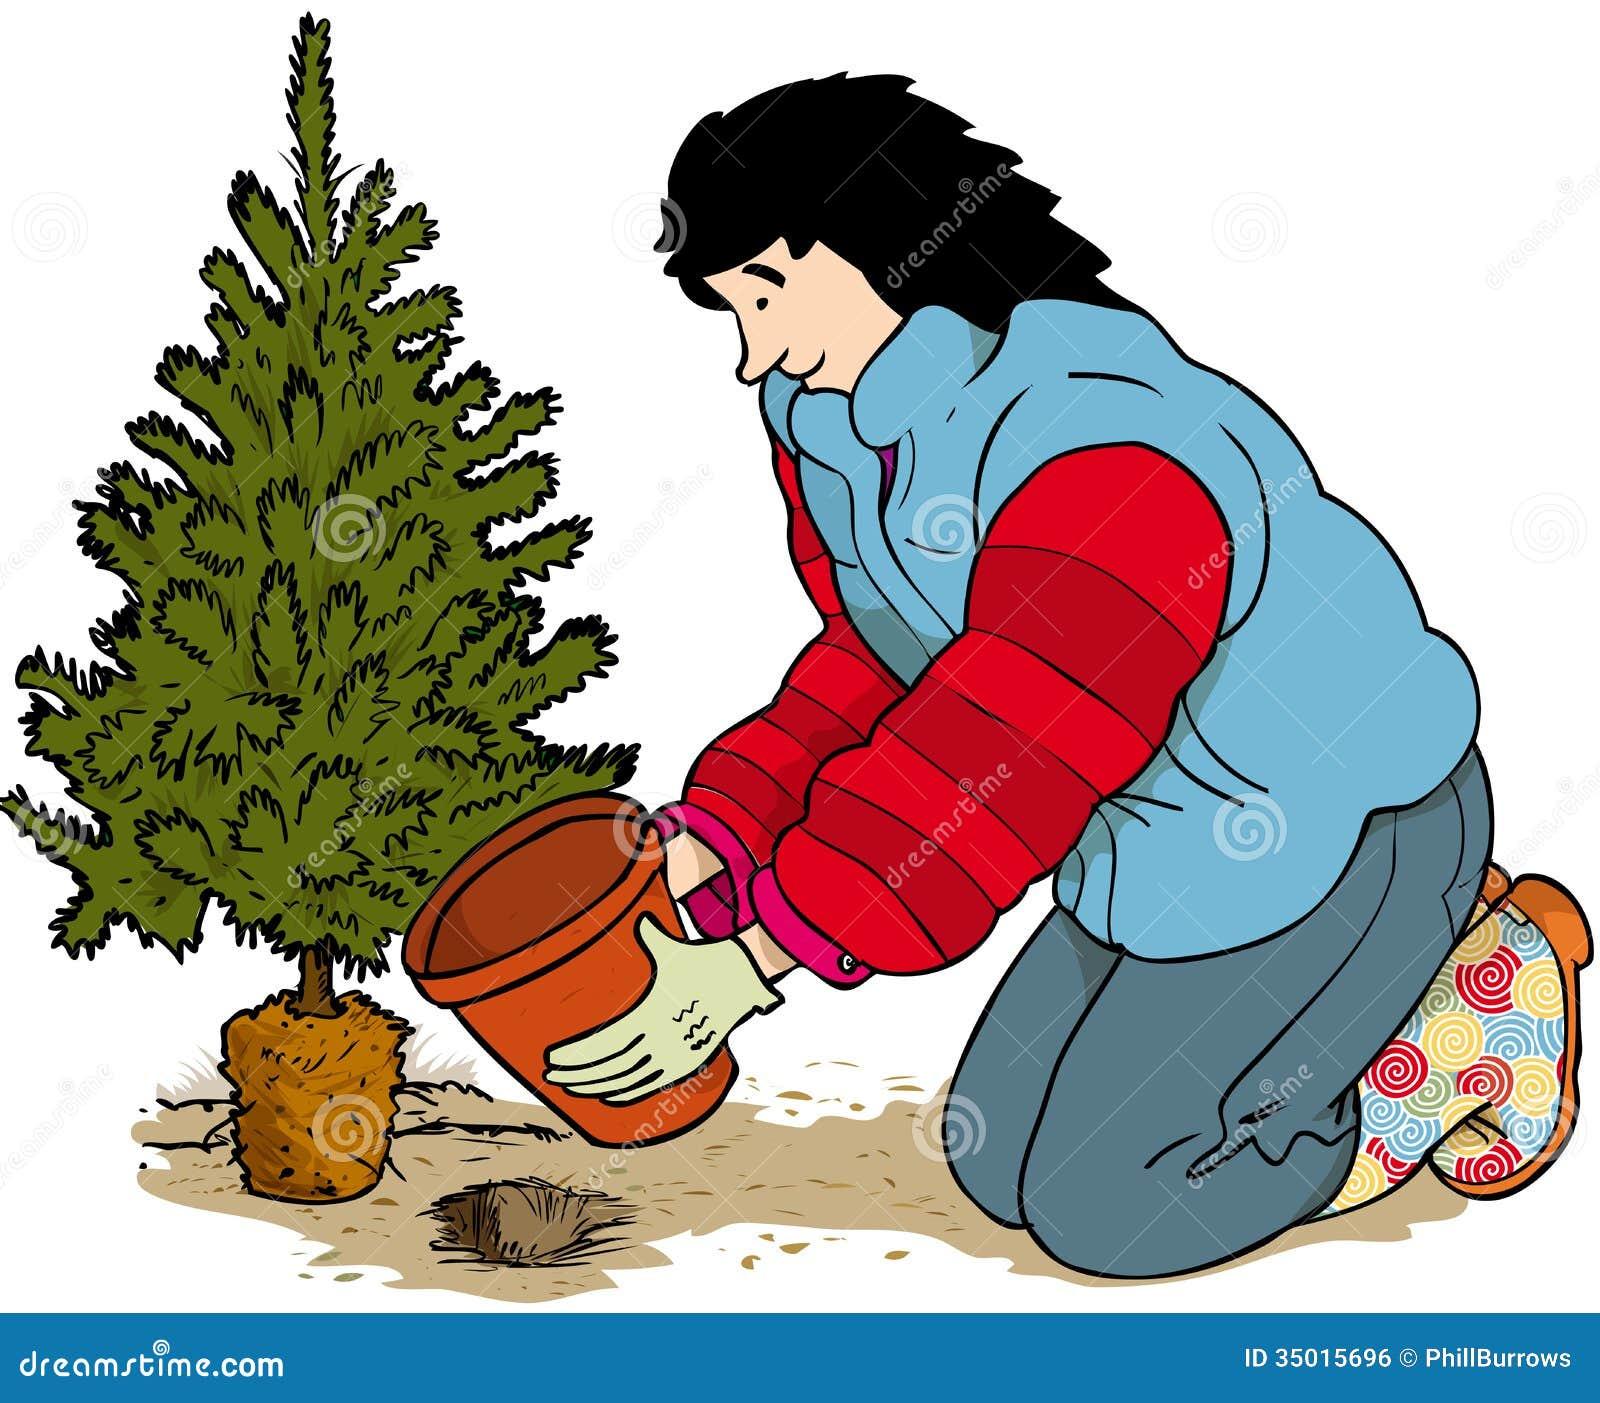 Post Christmas Royalty Free Stock Image - Image: 35015696